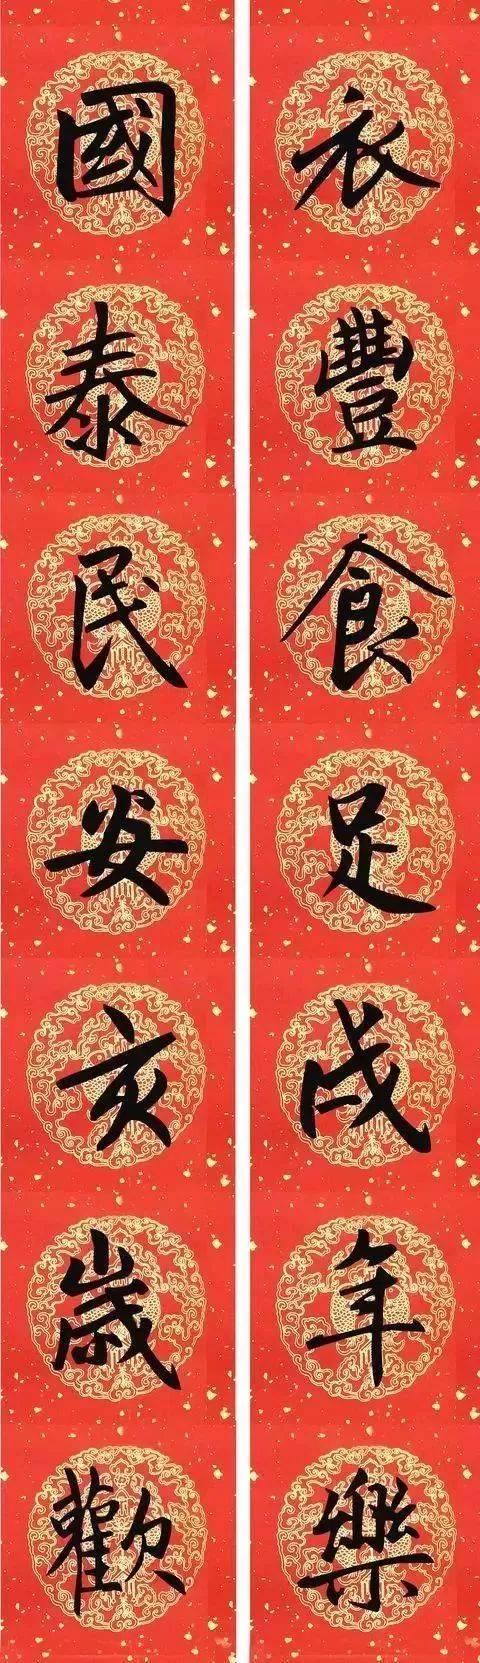 赵孟頫字体猪年春联欣赏图片